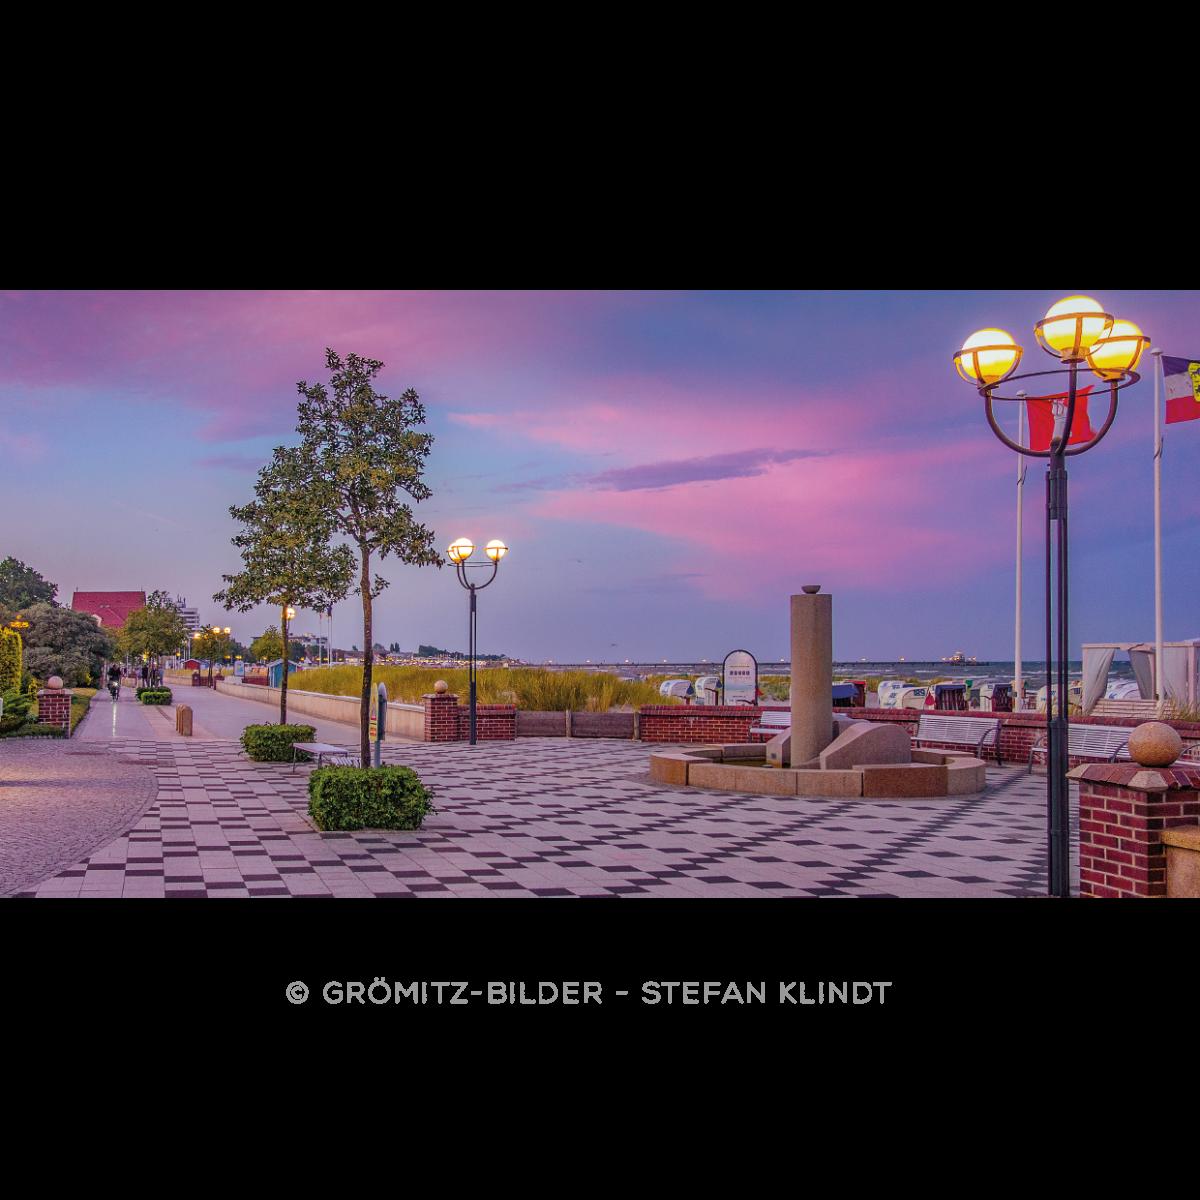 084 Grömitz Bilder - Sommerabend-Flair an der Promenade